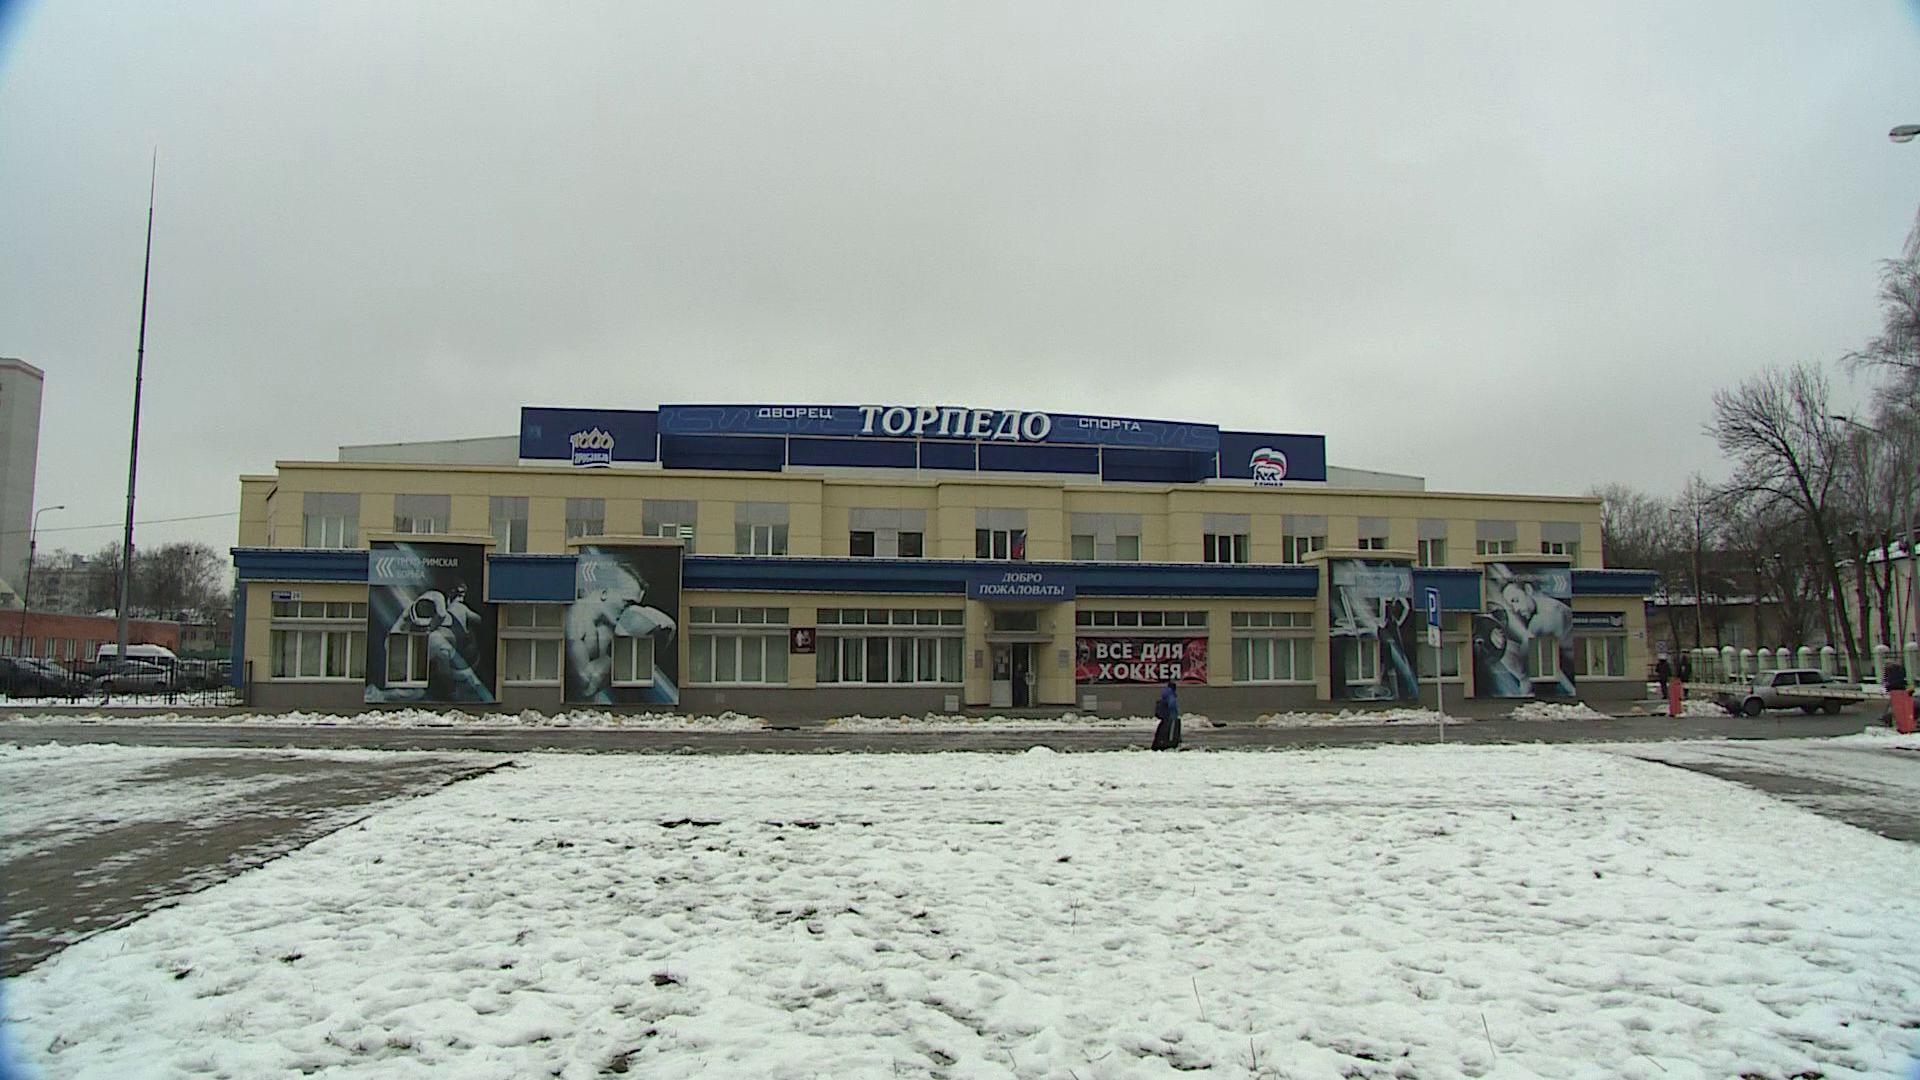 Ярославским спортсменам повысили премию на 30%